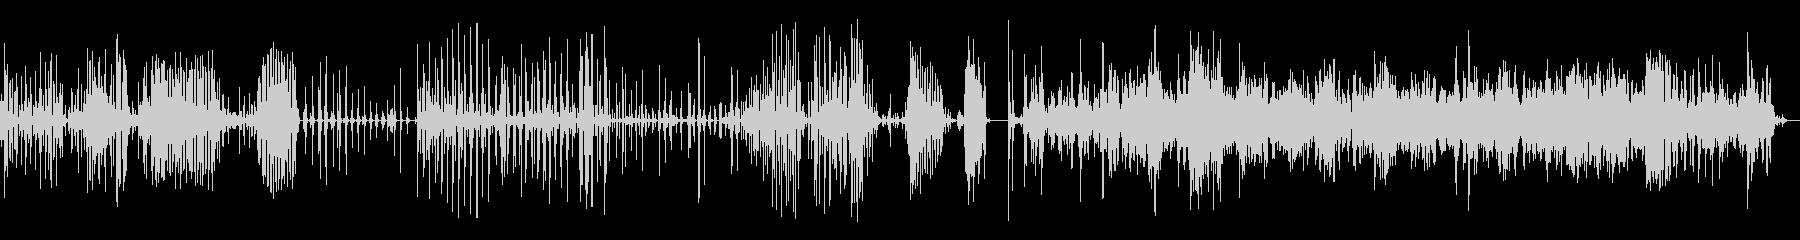 ブラッシングティースバスルームの未再生の波形